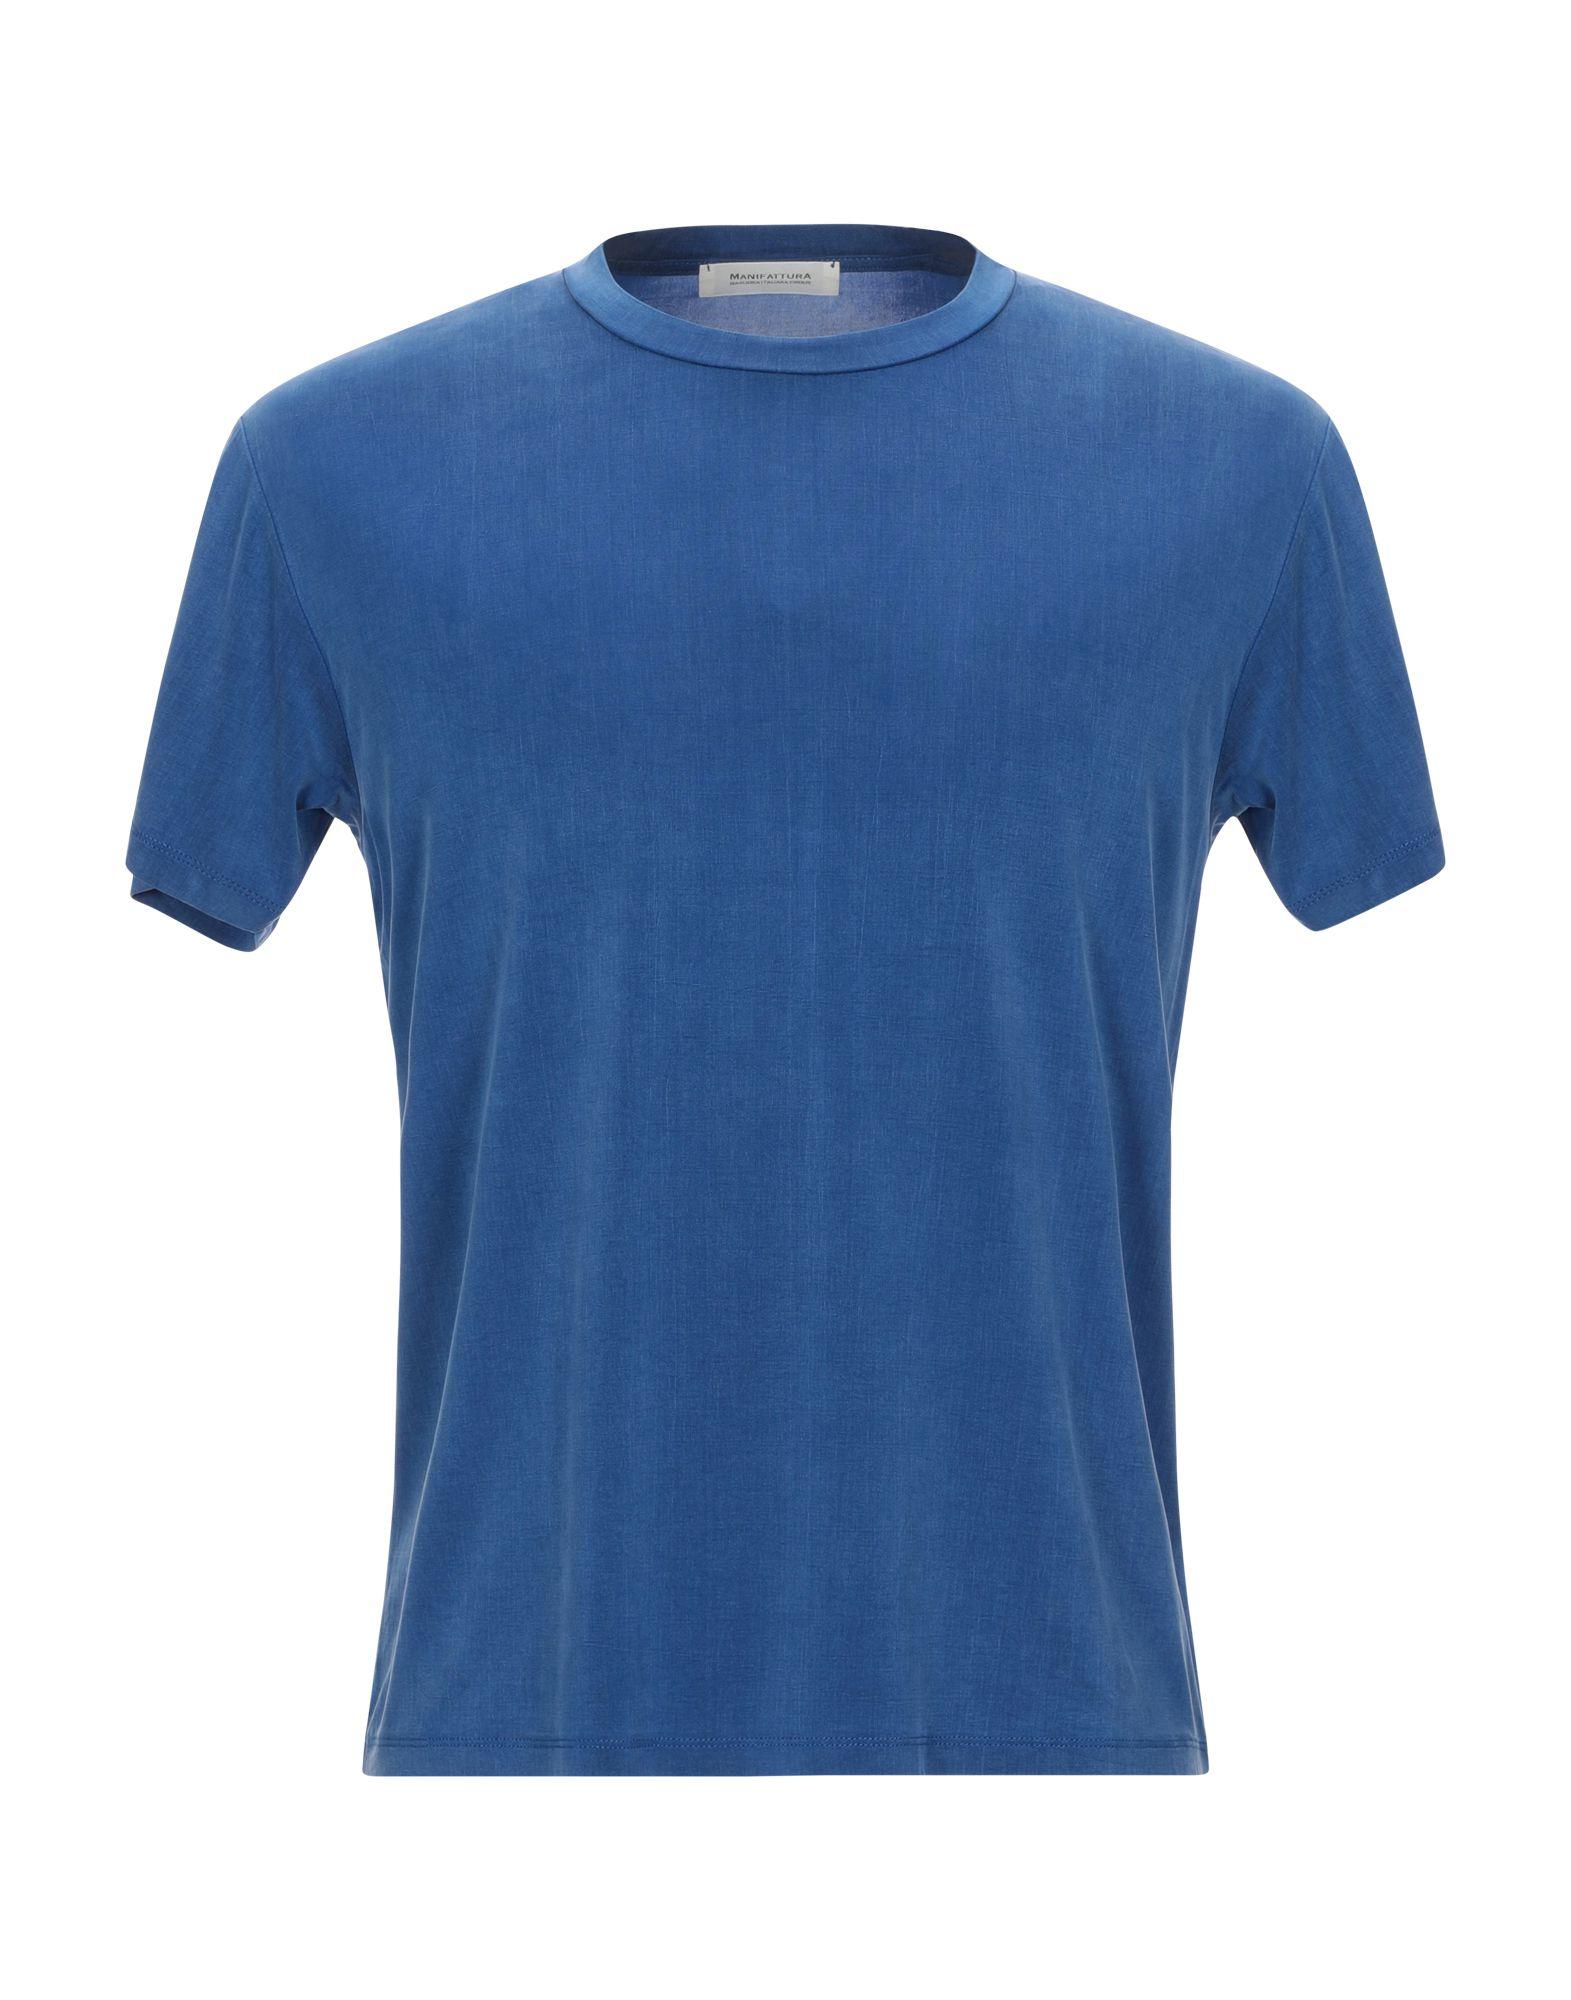 《セール開催中》MANIFATTURA MAGLIERIA ITALIANA Firenze メンズ T シャツ ブルー M キュプラ 92% / ポリウレタン 8%